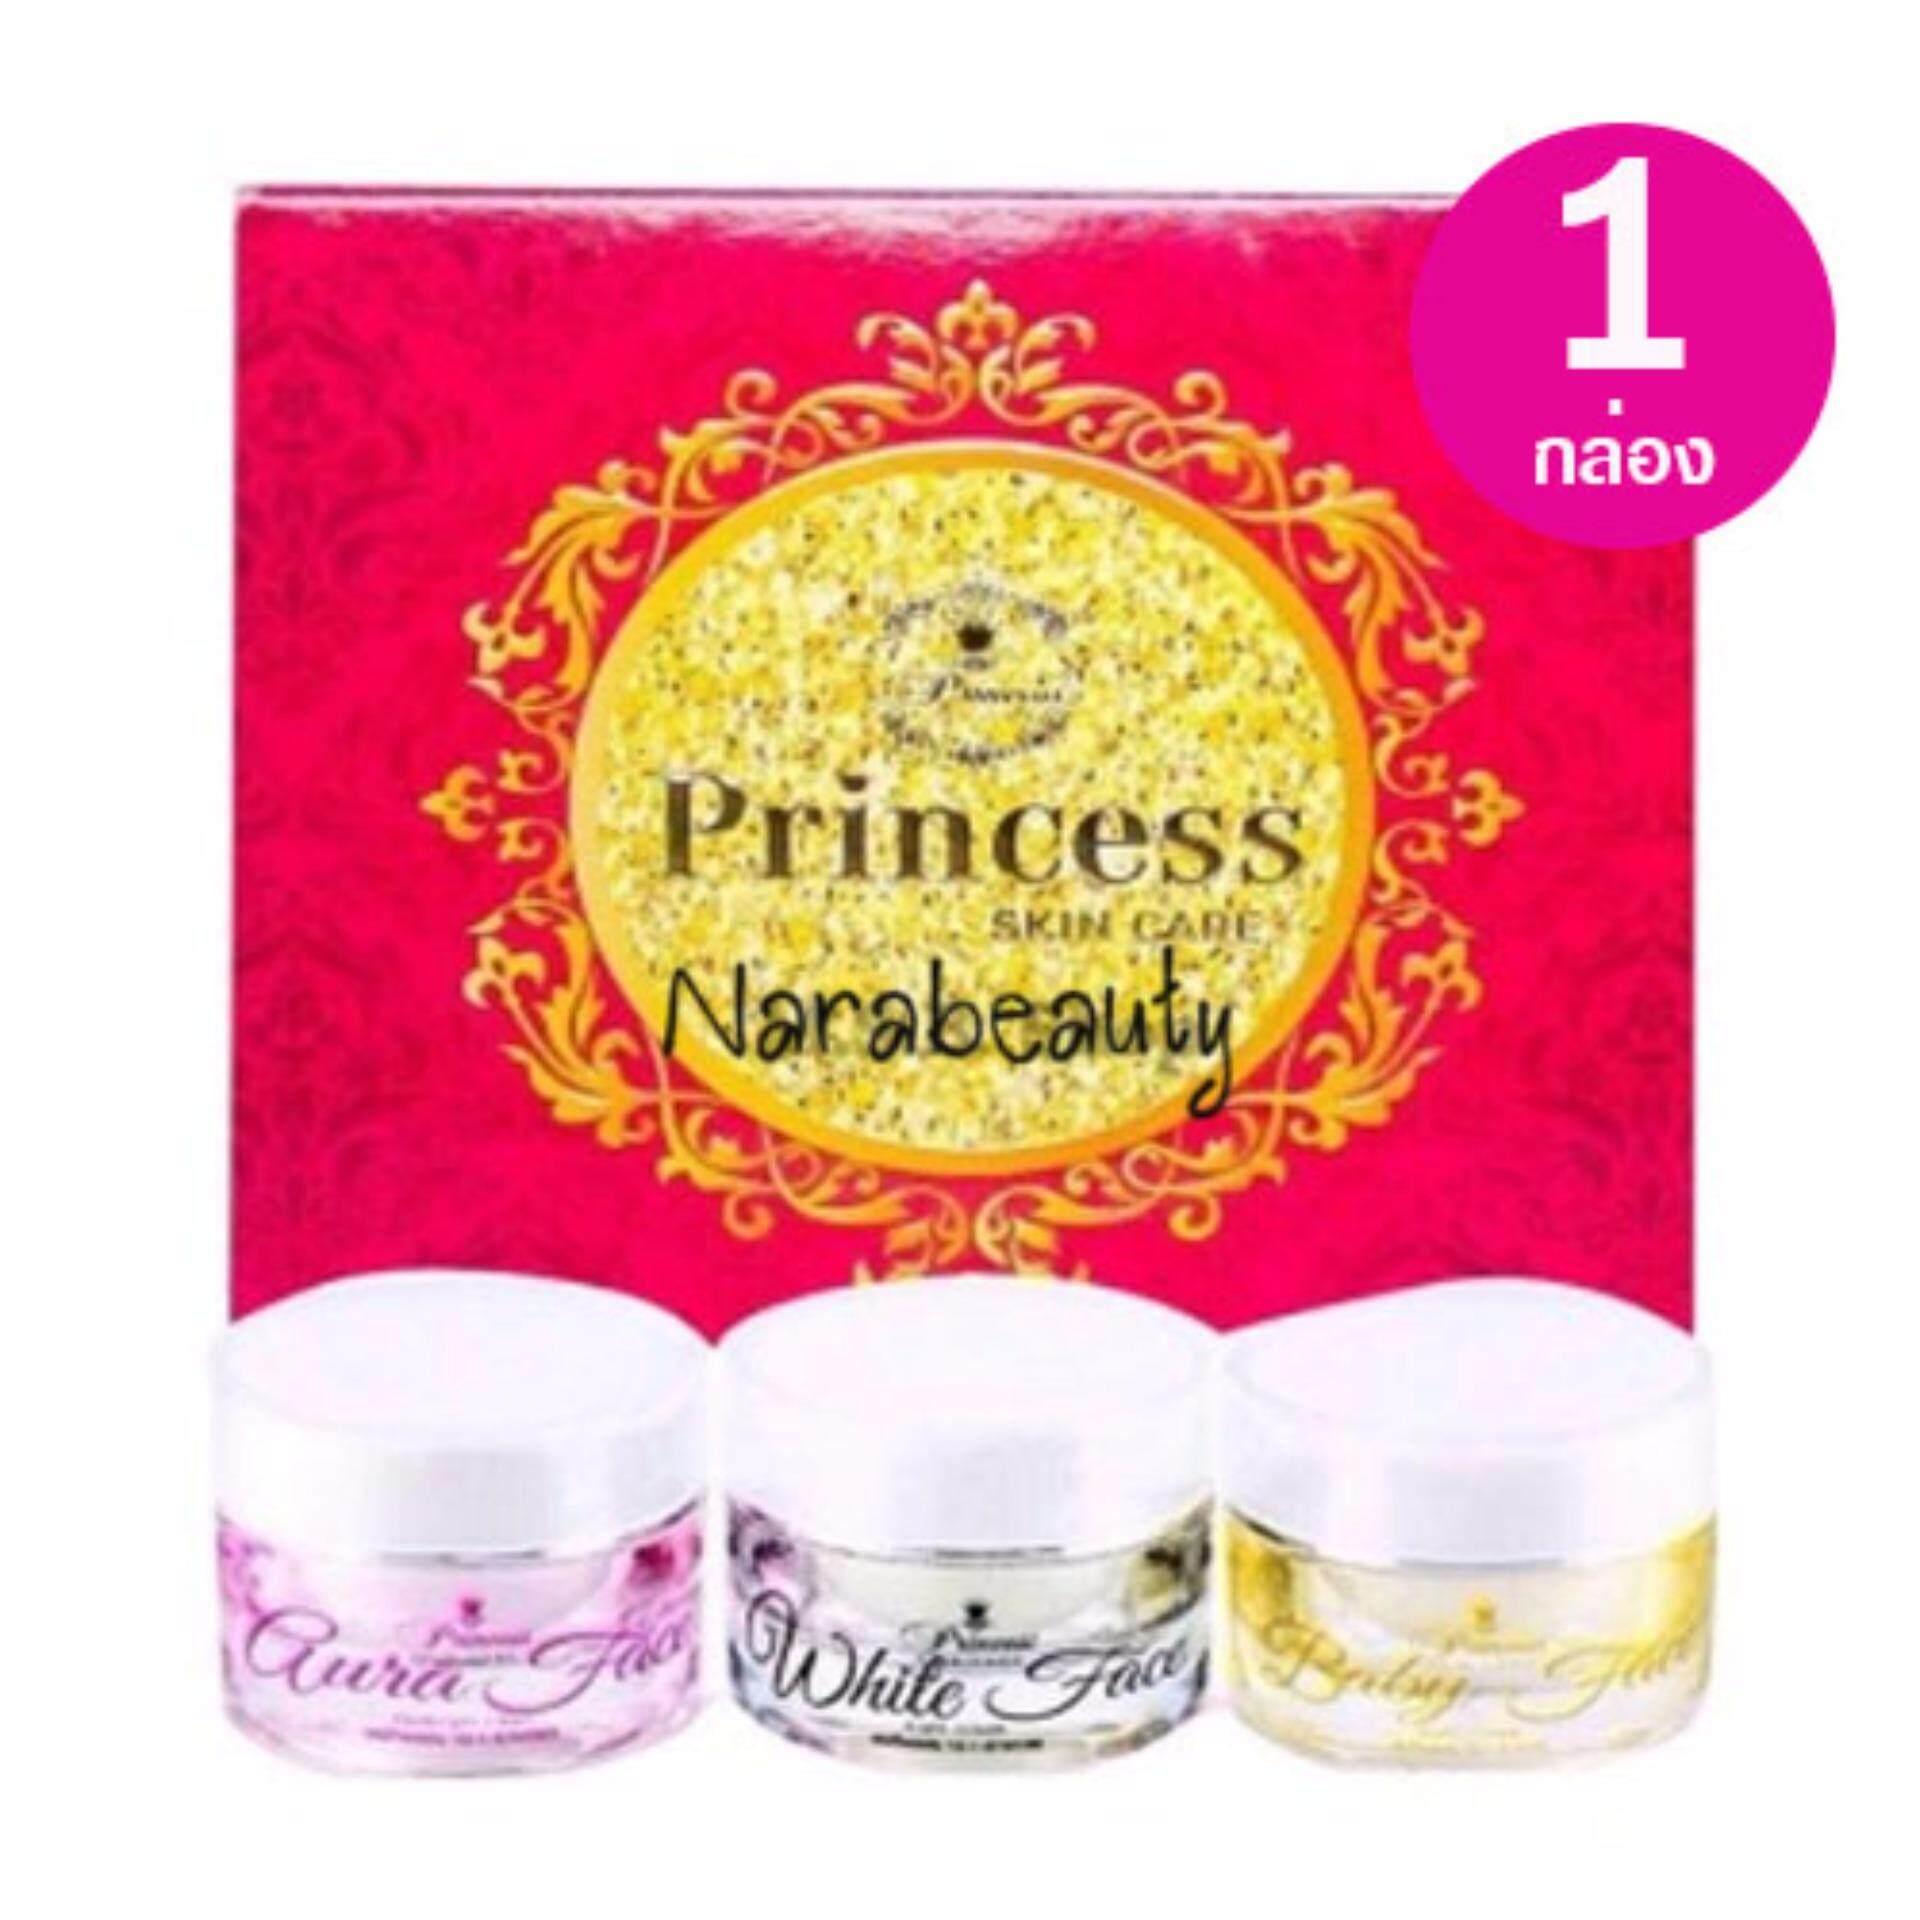 โปรโมชั่น ลดราคาส่งท้ายปี Princess Skin Care พริ้นเซส สกินแคร์ ครีมPSC ครีมหน้าขาว +หน้าเงา +หน้าเด็ก (1 Set) ครีมที่ดีที่สุด